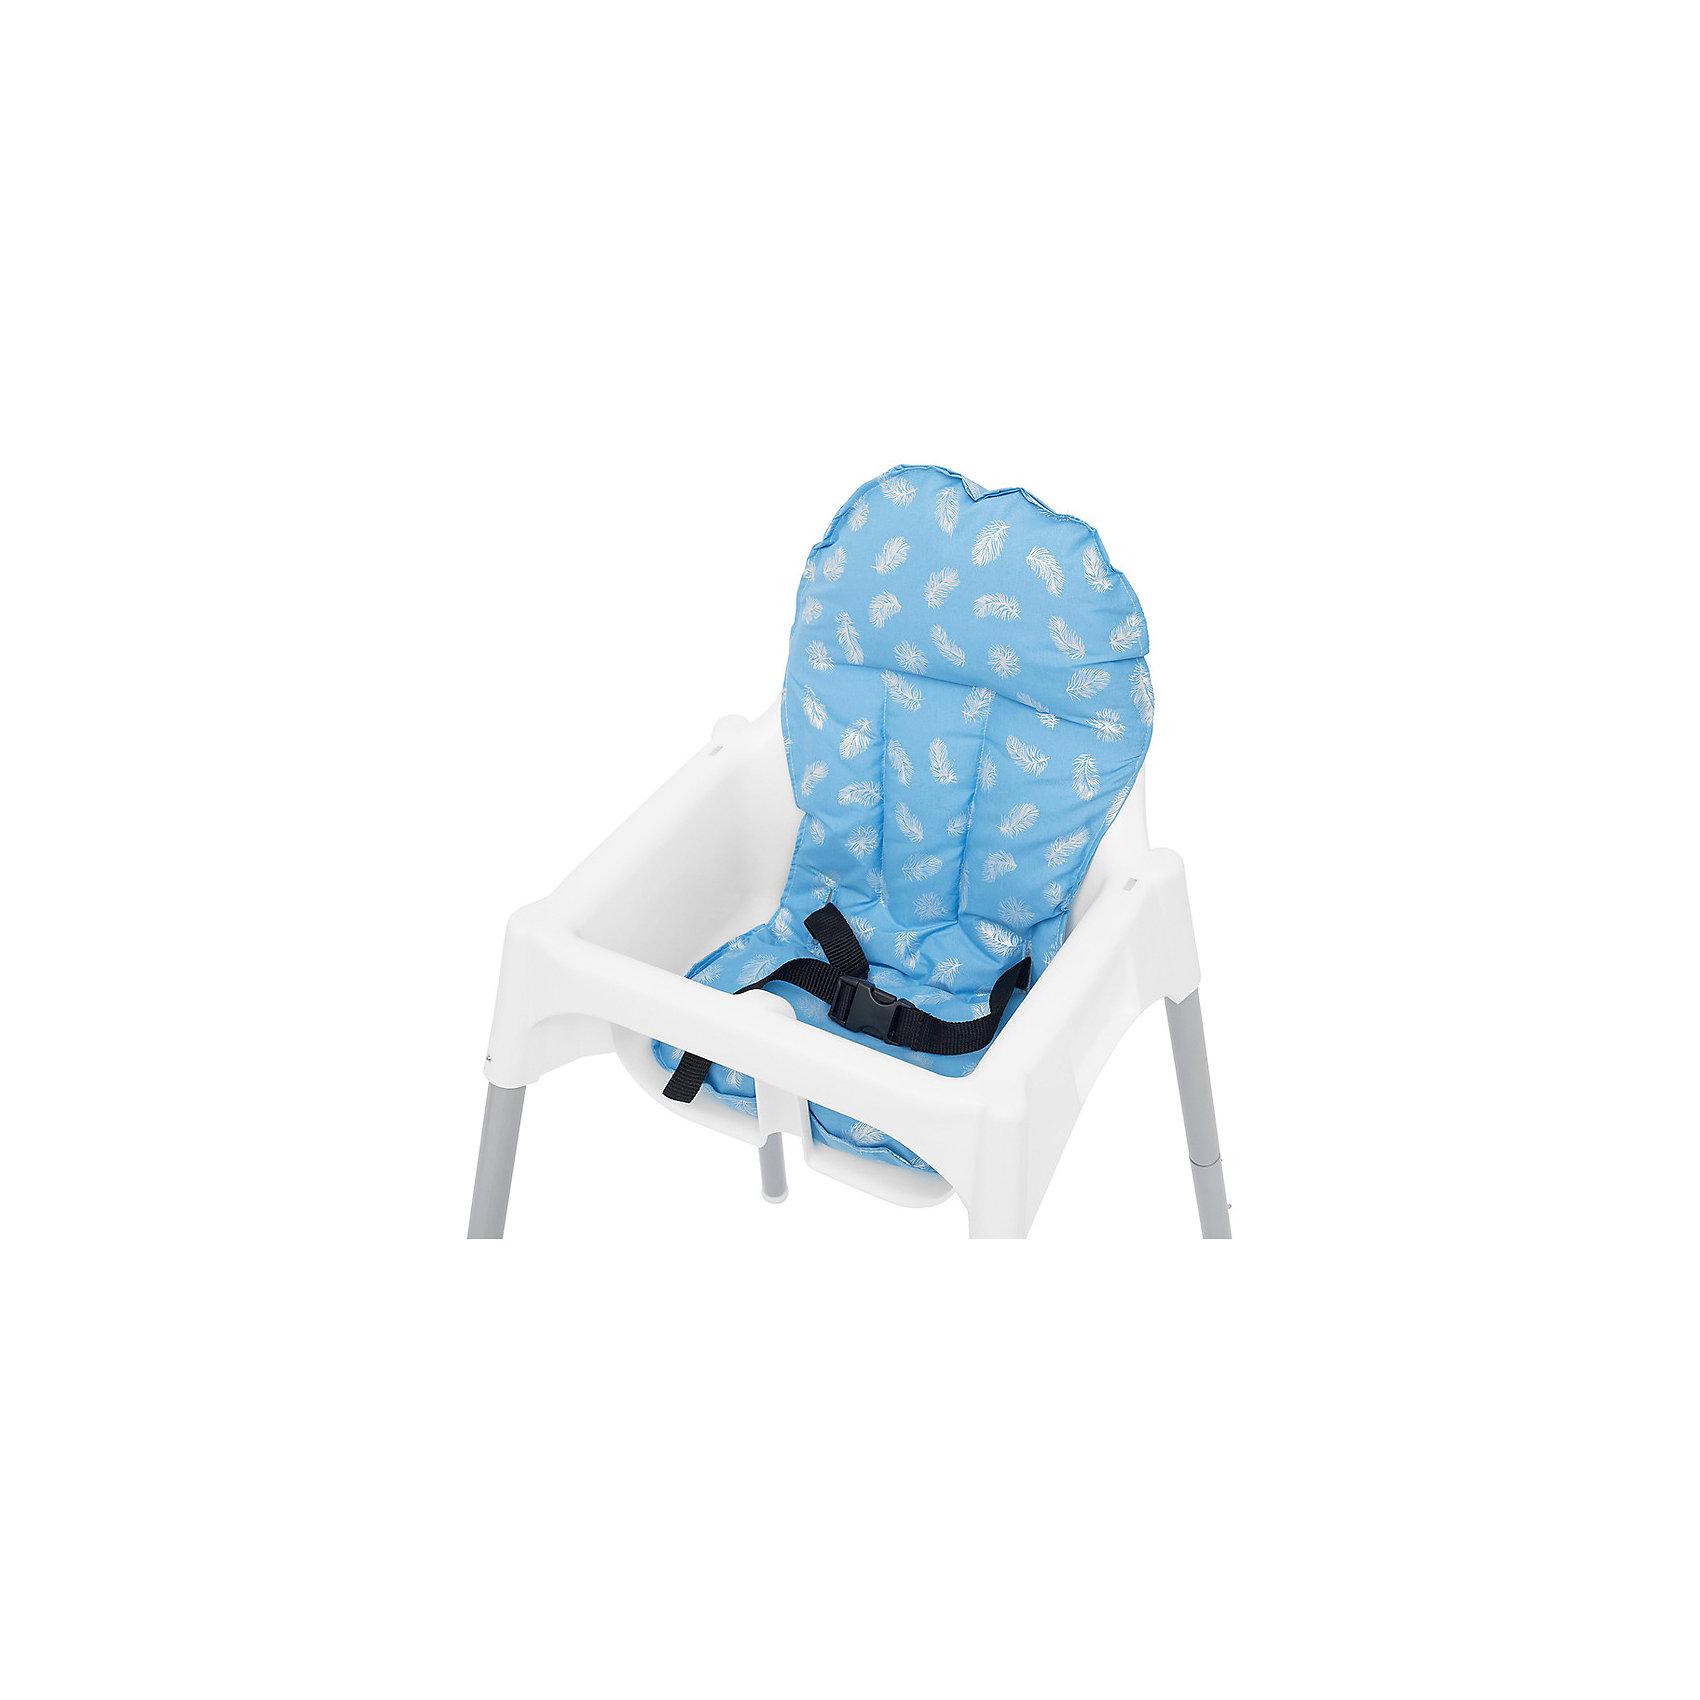 Стульчик для кормления Fiesta с вкладкой, Roxy-Kids, белыйОдна из важнейших задач родителей - обеспечить ребенку правильное и комфортное питание. Современные технологии помогают это сделать достаточно легко. Пример тому - стульчик для кормления ROXY-KIDS FIESTA.<br>Он имеет удобную конструкцию, стульчик можно установить на разных уровнях благодаря разборным ножкам. Изделие можно легко разобрать для перевозки. В стульчике - мягкая вкладка, которая легко стирается. Для безопасности малыша в конструкции предусмотрены 3-точечные ремни безопасности. Подарите удобство себе и ребенку!<br><br>Дополнительная информация:<br><br>цвет: разноцветный;<br>материал: полипропилен, сталь, хлопок, холлофайбер;<br>ножки разборные;<br>легко складывается;<br>есть мягкая вкладка;<br>3-точечные ремни безопасности;<br>разделитель для ног;<br>столик снимается;<br>максимальный вес ребенка: 15 кг;<br>съемный столик;<br>мягкая вкладка-сиденье;<br>размер: 280 х 430 х 440 мм;<br>вес: 4 кг.<br><br>Стульчик для кормления Fiesta с вкладкой Перышки от компании Roxy-Kids можно купить в нашем магазине.<br><br>Ширина мм: 280<br>Глубина мм: 430<br>Высота мм: 440<br>Вес г: 4300<br>Цвет: белый<br>Возраст от месяцев: 6<br>Возраст до месяцев: 36<br>Пол: Унисекс<br>Возраст: Детский<br>SKU: 5000034